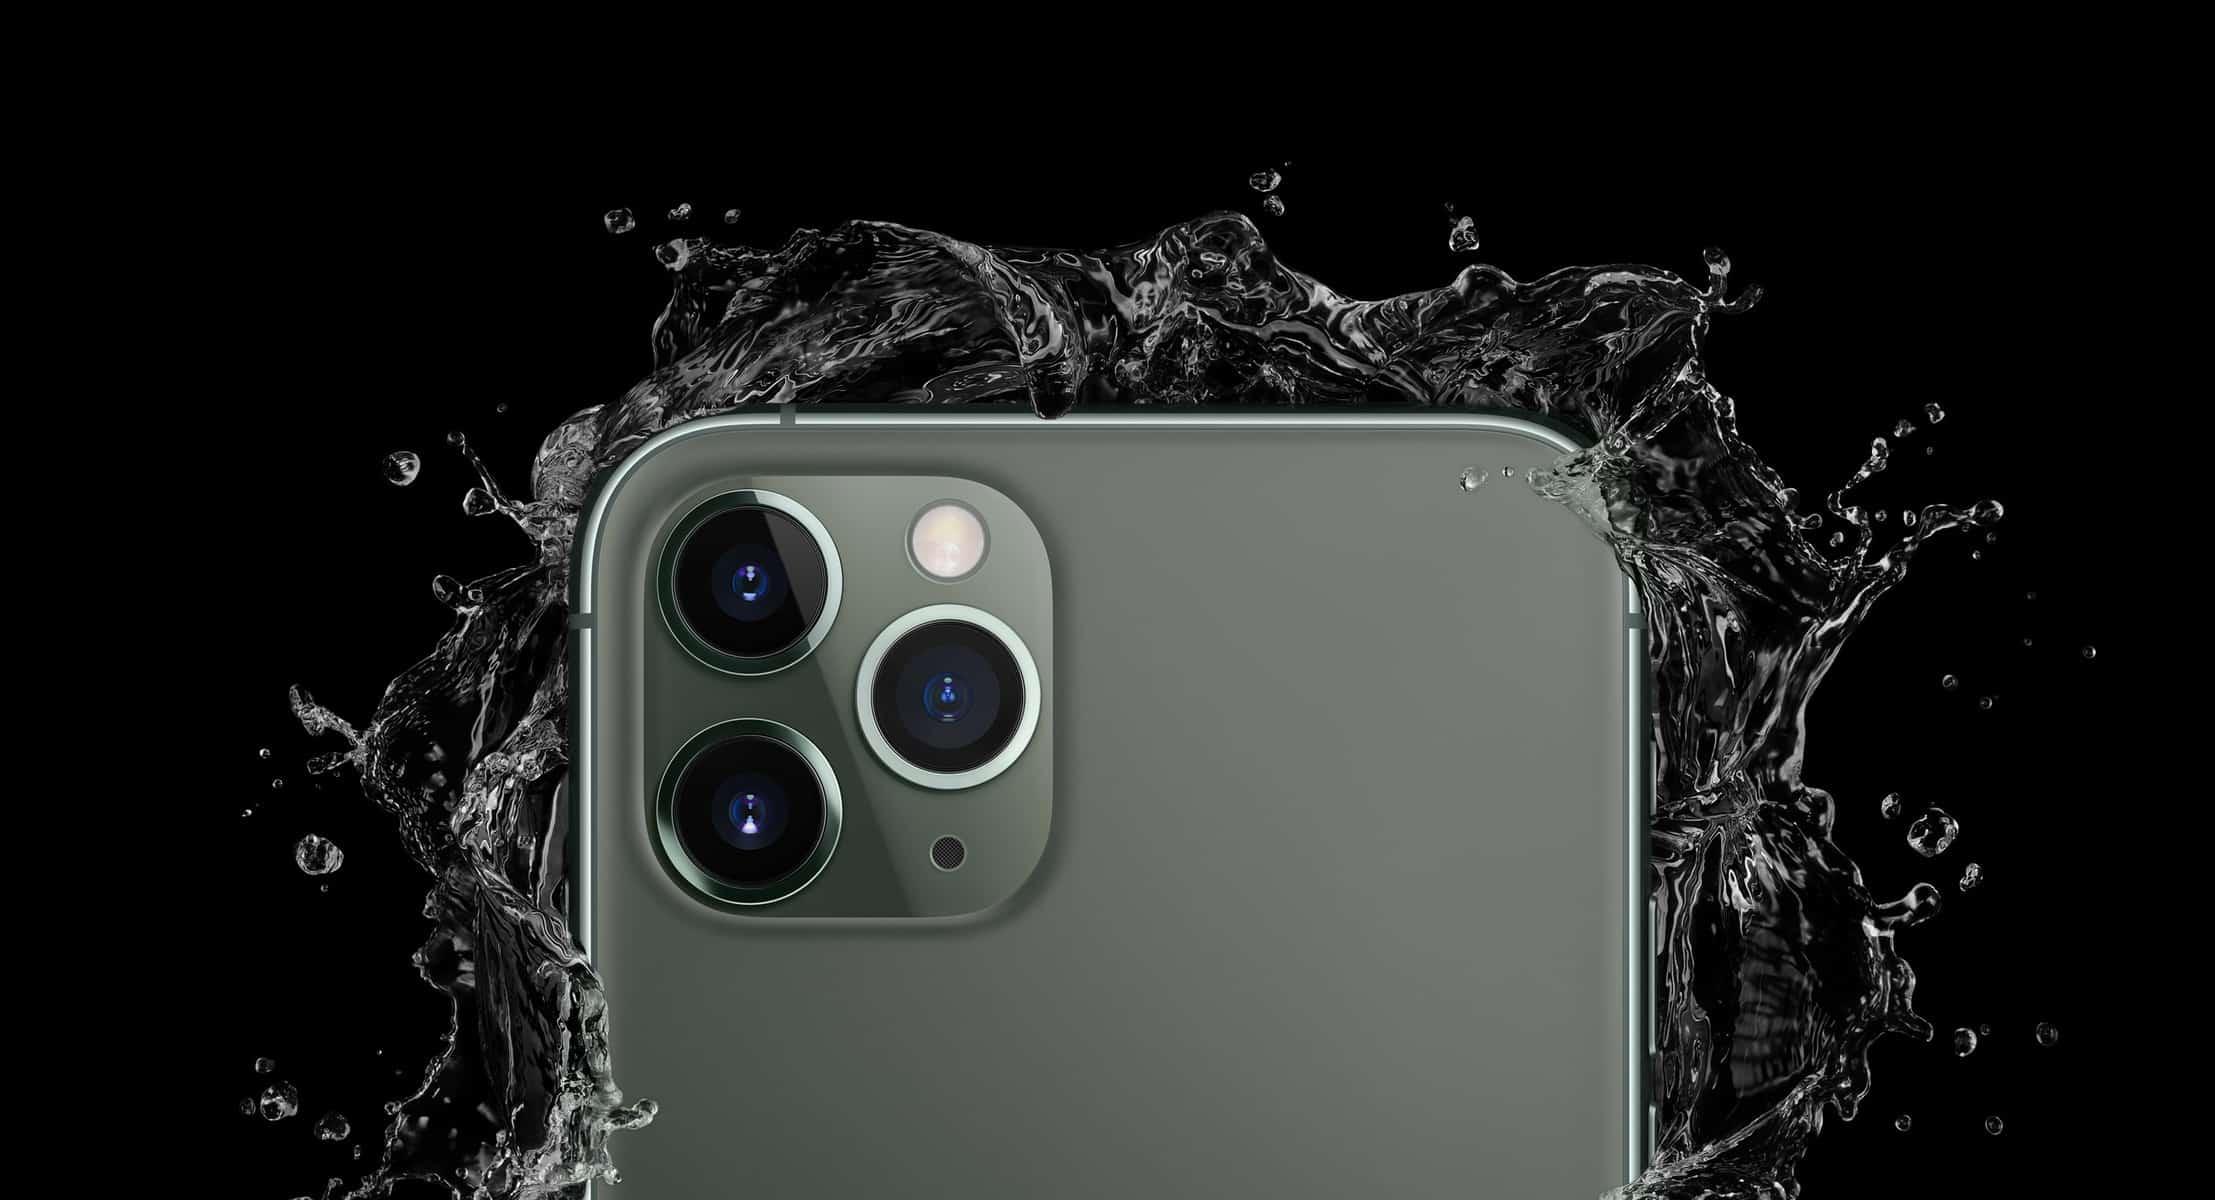 La dernière acquisition en date d'Apple pourrait améliorer le module photo de l'iPhone